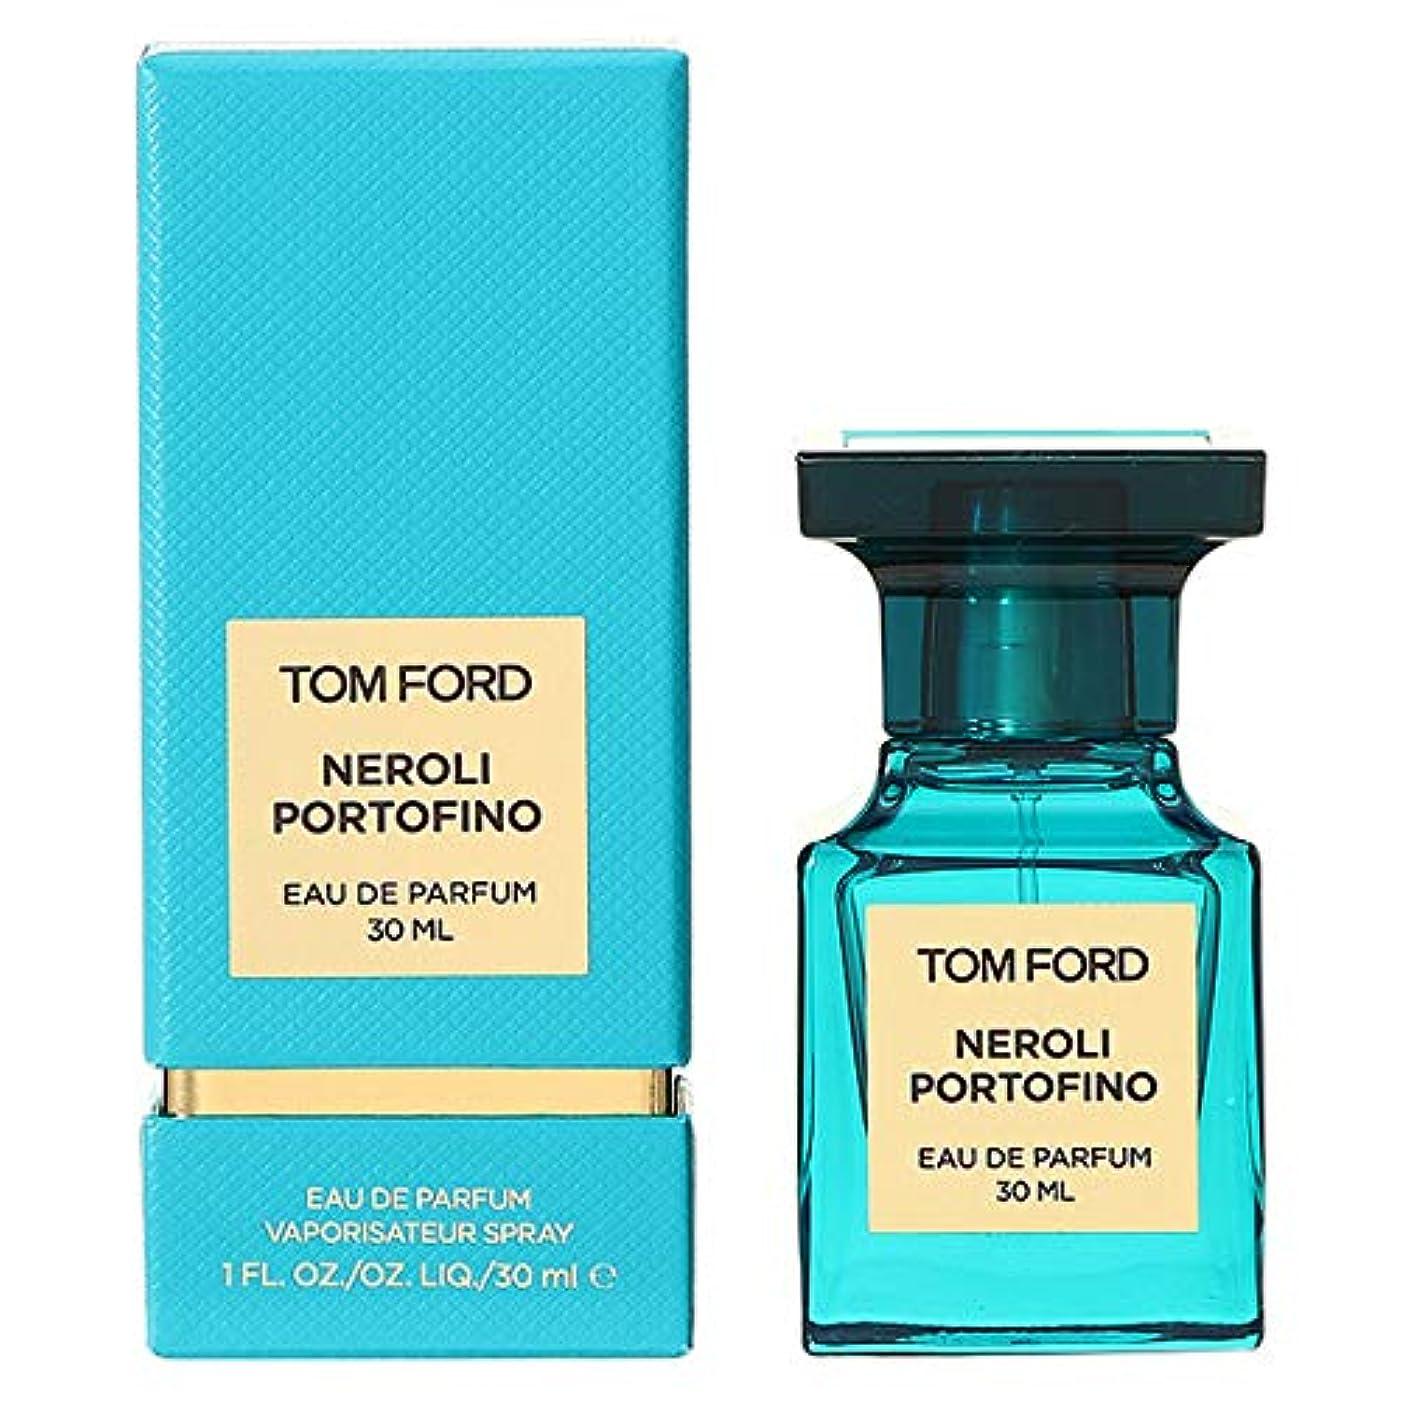 実業家計器類似性トムフォード TOM FORD ネロリ ポルトフィーノ 30ml EDP SP fs 【並行輸入品】